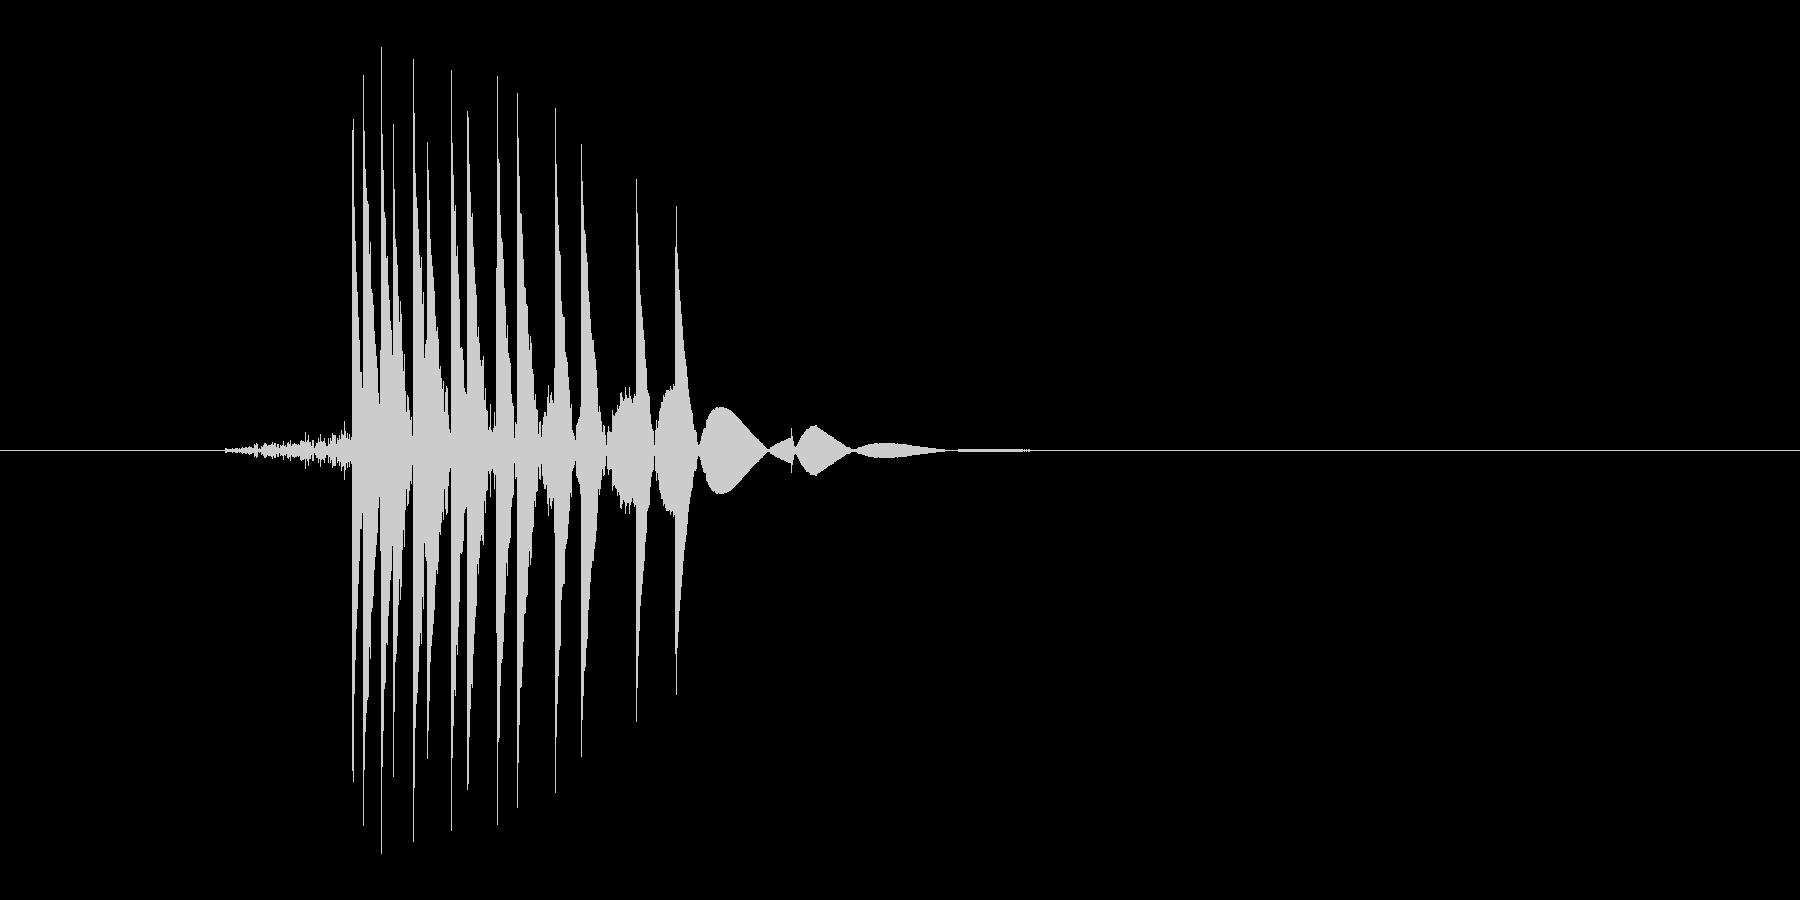 ゲーム(ファミコン風)ヒット音_015の未再生の波形